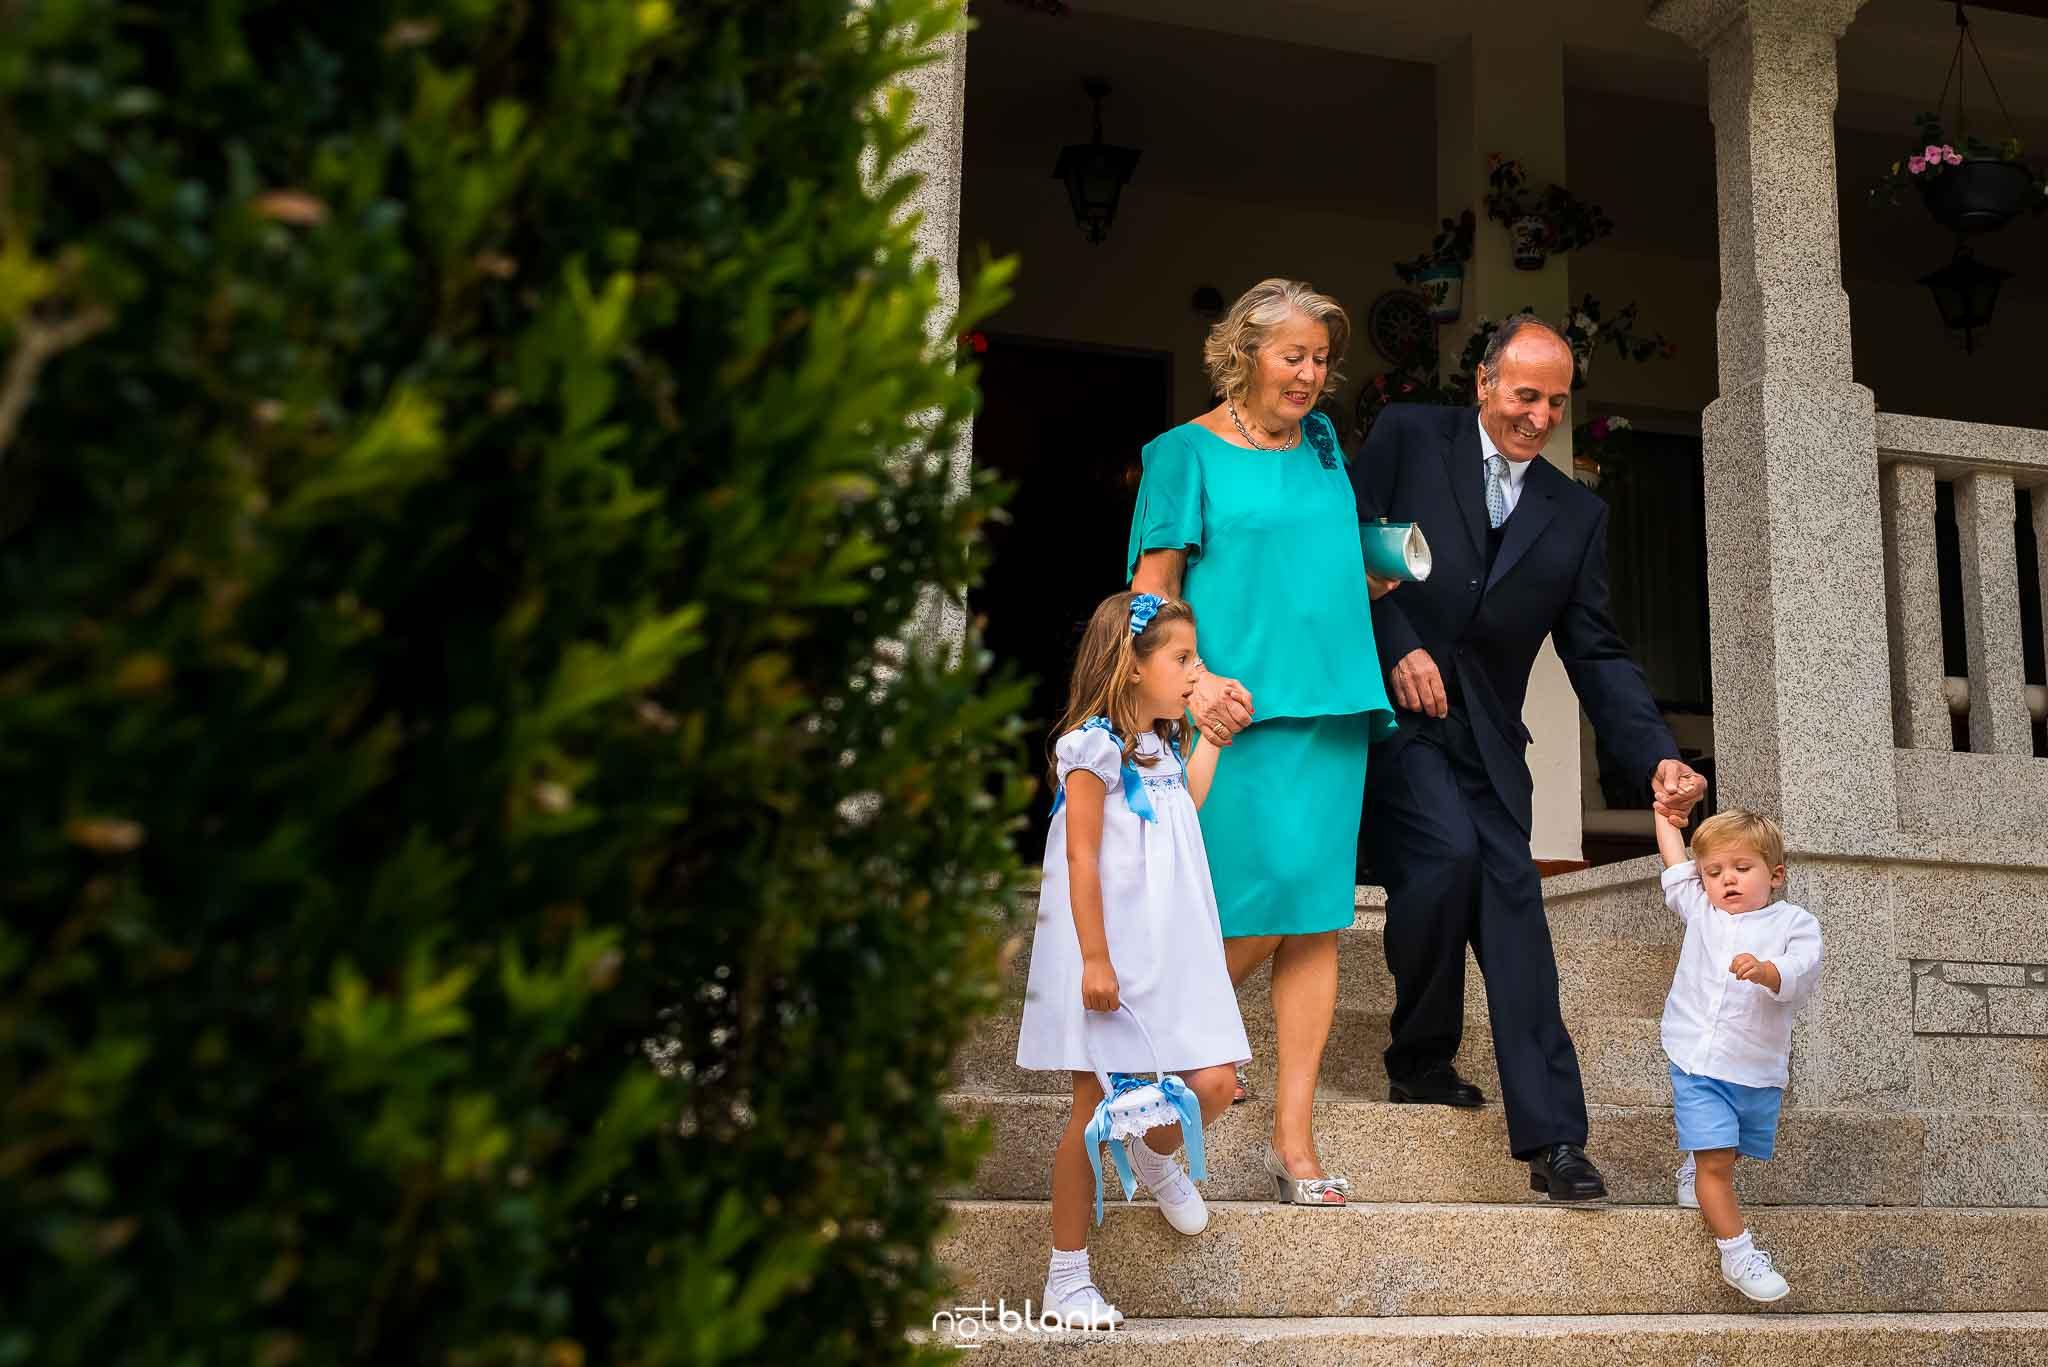 Boda En El Jardin De Casa Jana y Fran - Los abuelos llevan de la mano a sus nietos de camino a la ceremonia civil - Notblank Fotografos de boda